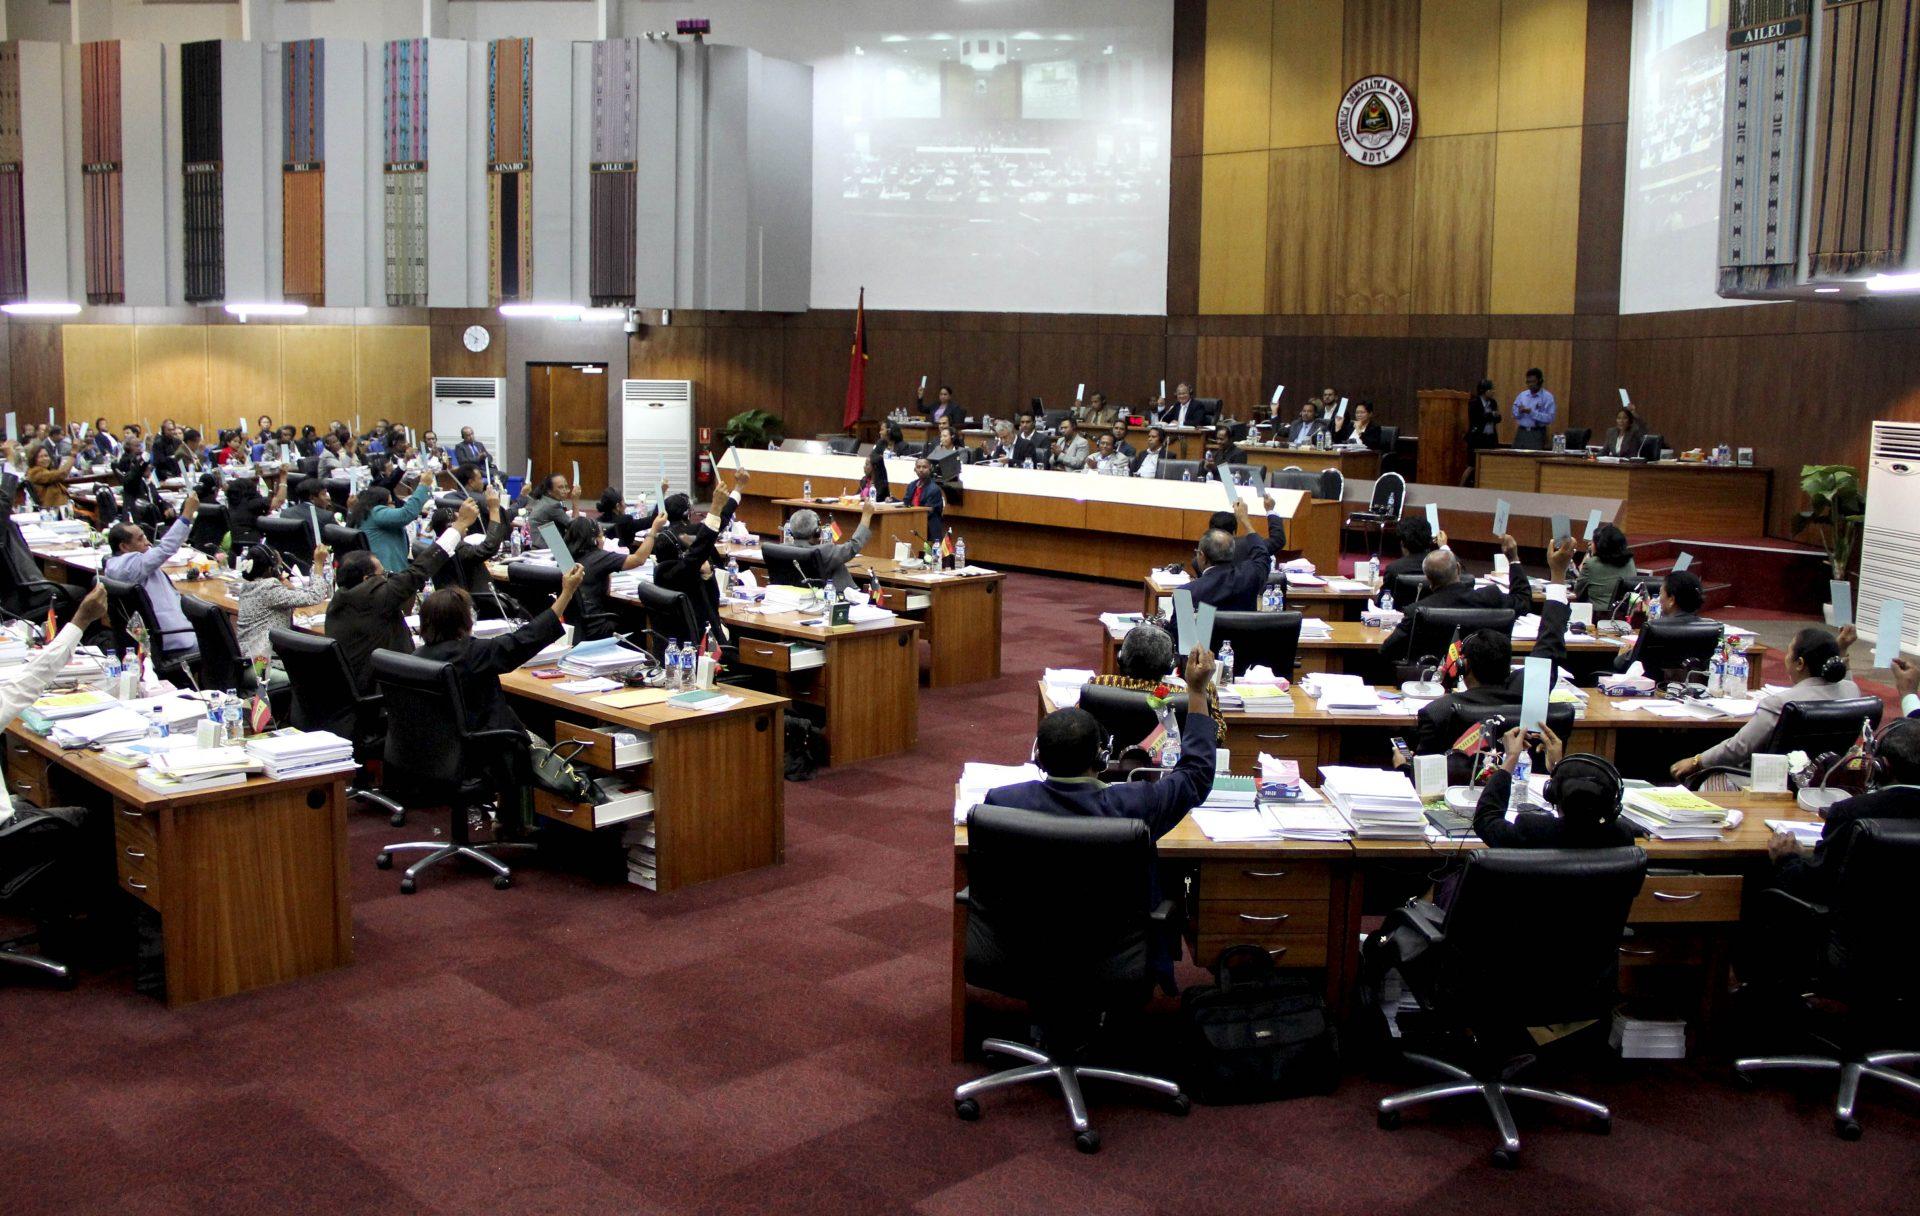 Parlamento timorense, 11 de janeiro de 2014, Dili, Timor-Leste. ANTÓNIO AMARAL/LUSA